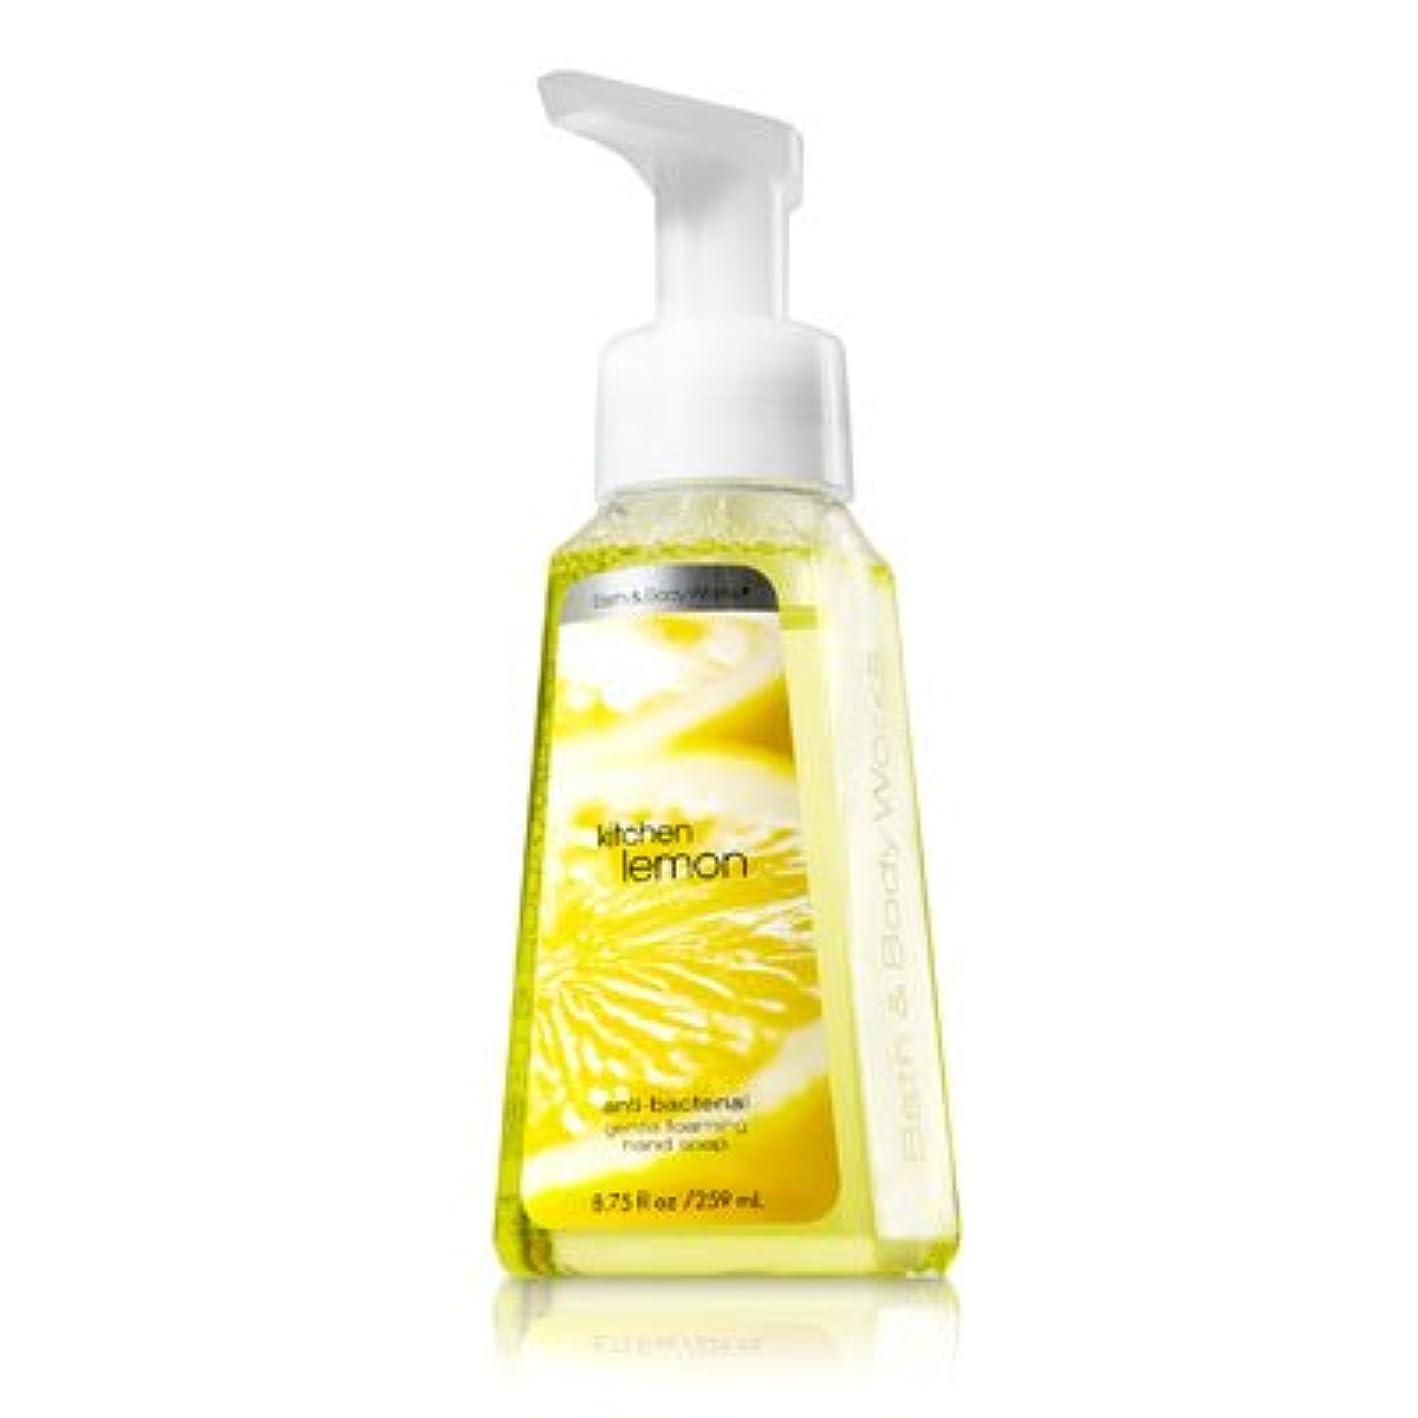 振り返る不可能な元気バス&ボディワークス キッチンレモン ジェントル フォーミング ハンドソープ Kitchen Lemon Gentle Foaming Hand Soap【並行輸入品】